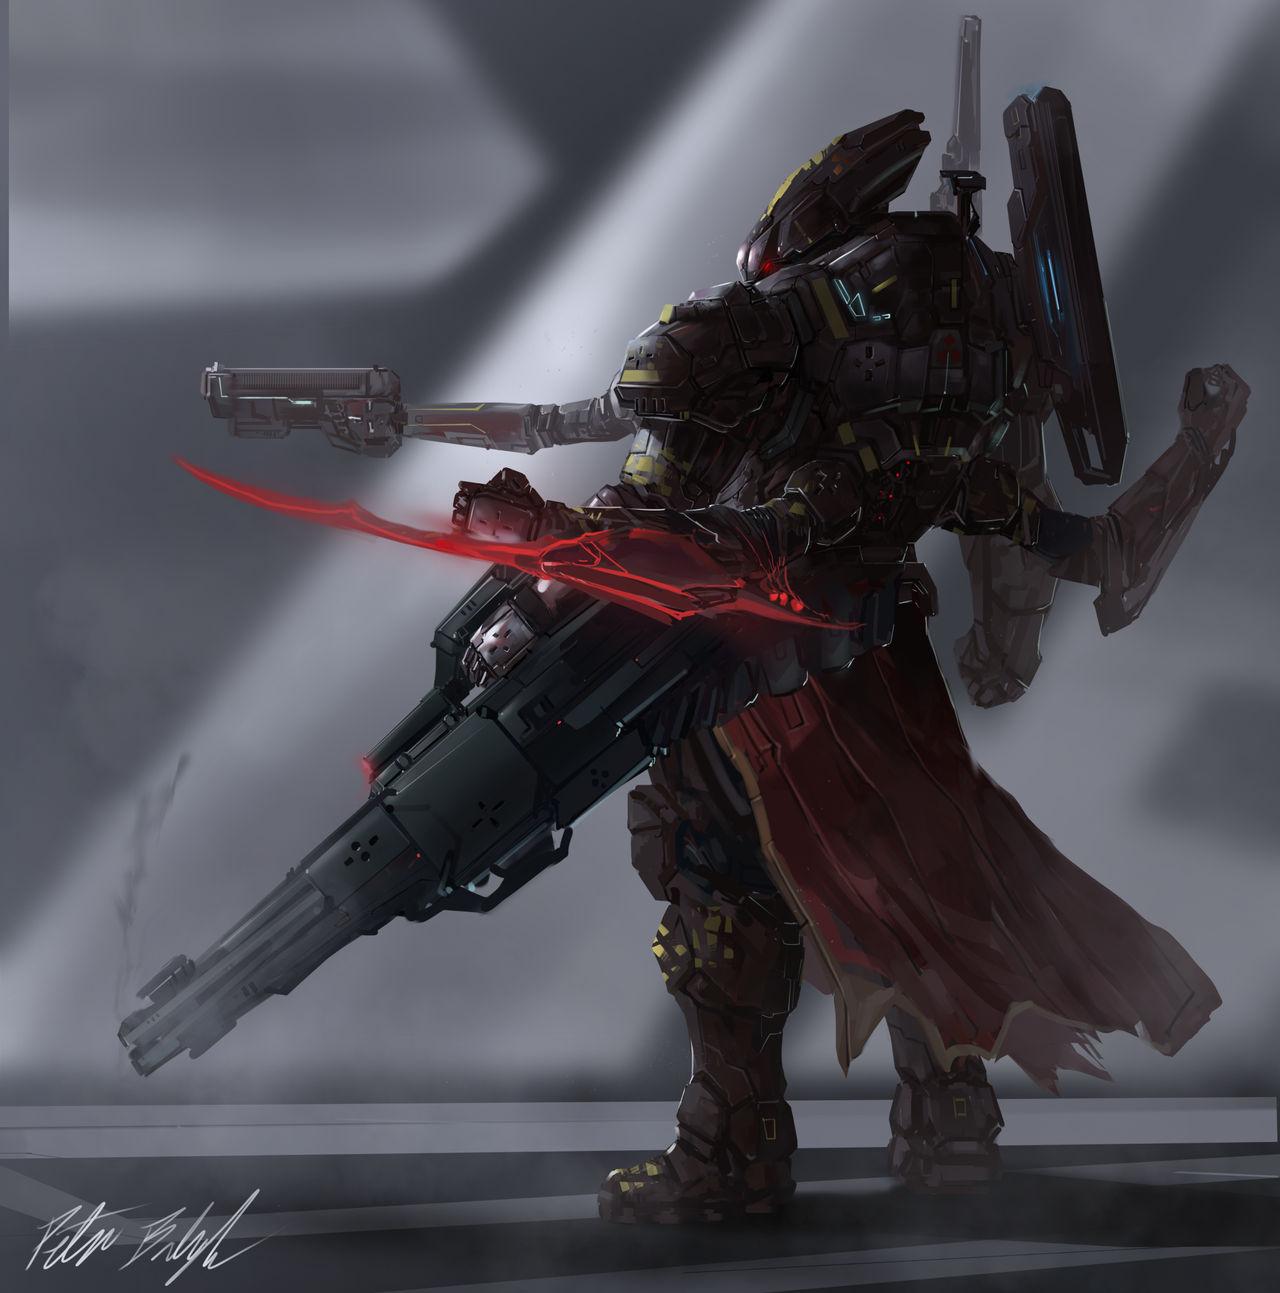 Fegyver: Alt'or erőkesztyűje Heavy_gunner_erhard_by_peterprime_d7h67jw-fullview.jpg?token=eyJ0eXAiOiJKV1QiLCJhbGciOiJIUzI1NiJ9.eyJzdWIiOiJ1cm46YXBwOiIsImlzcyI6InVybjphcHA6Iiwib2JqIjpbW3siaGVpZ2h0IjoiPD0xMjkzIiwicGF0aCI6IlwvZlwvMzgwNGMwNjMtZjBjYS00NmQ2LTkxMmYtZWYzZTQ2NGY2N2E0XC9kN2g2N2p3LTdhODg5NjIxLTZiZDgtNDJjNS1hNGYwLWI5YzdjNjI5N2YwOS5wbmciLCJ3aWR0aCI6Ijw9MTI4MCJ9XV0sImF1ZCI6WyJ1cm46c2VydmljZTppbWFnZS5vcGVyYXRpb25zIl19